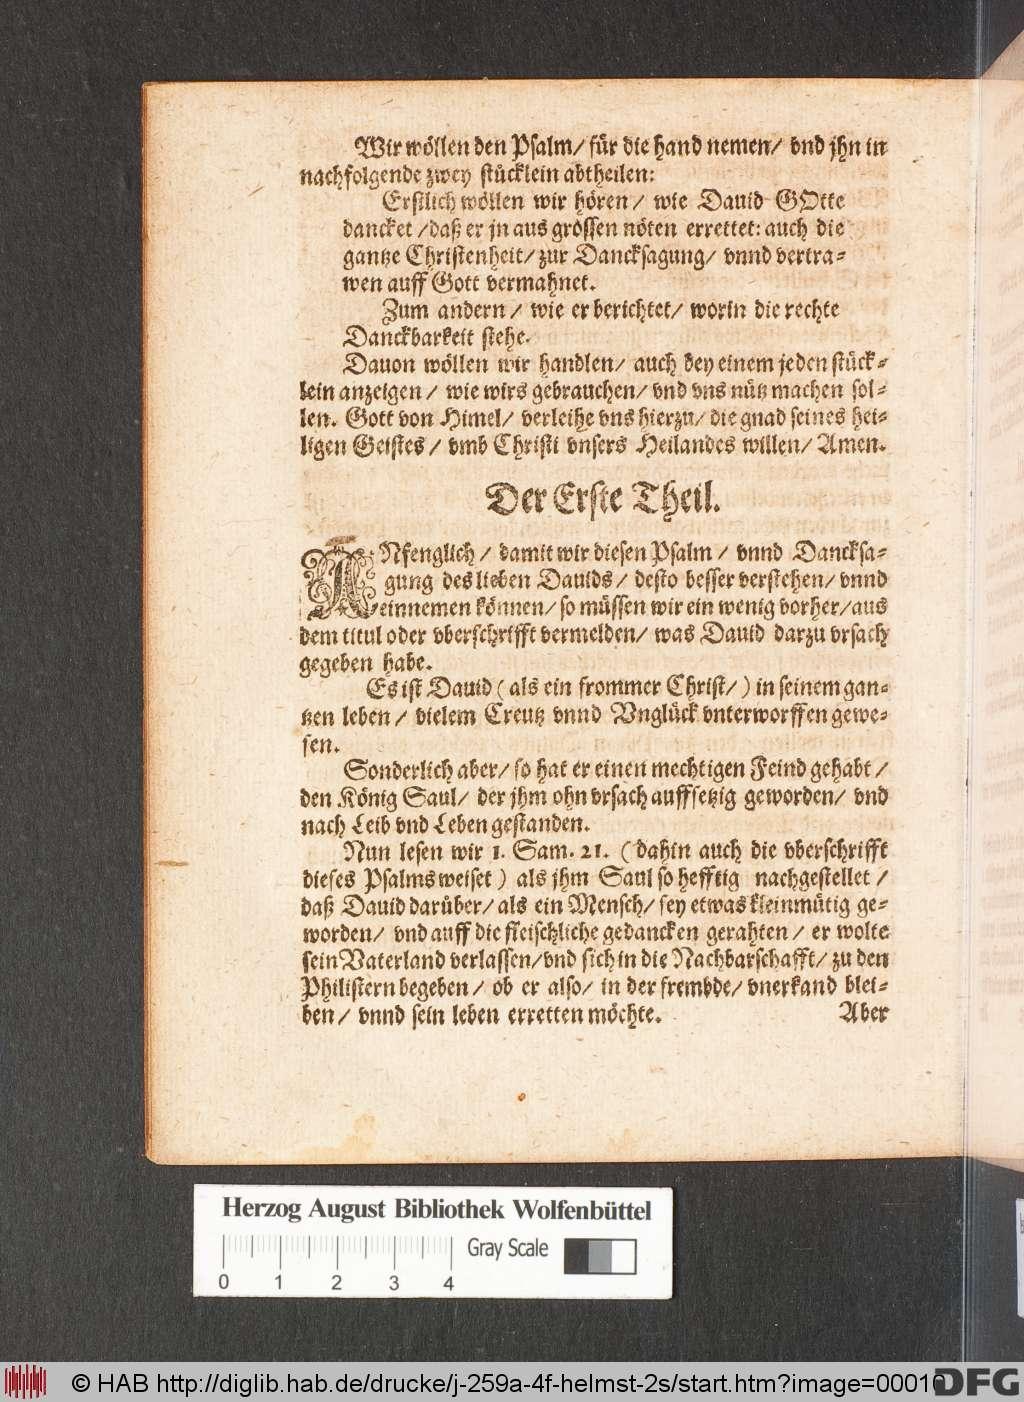 http://diglib.hab.de/drucke/j-259a-4f-helmst-2s/00010.jpg